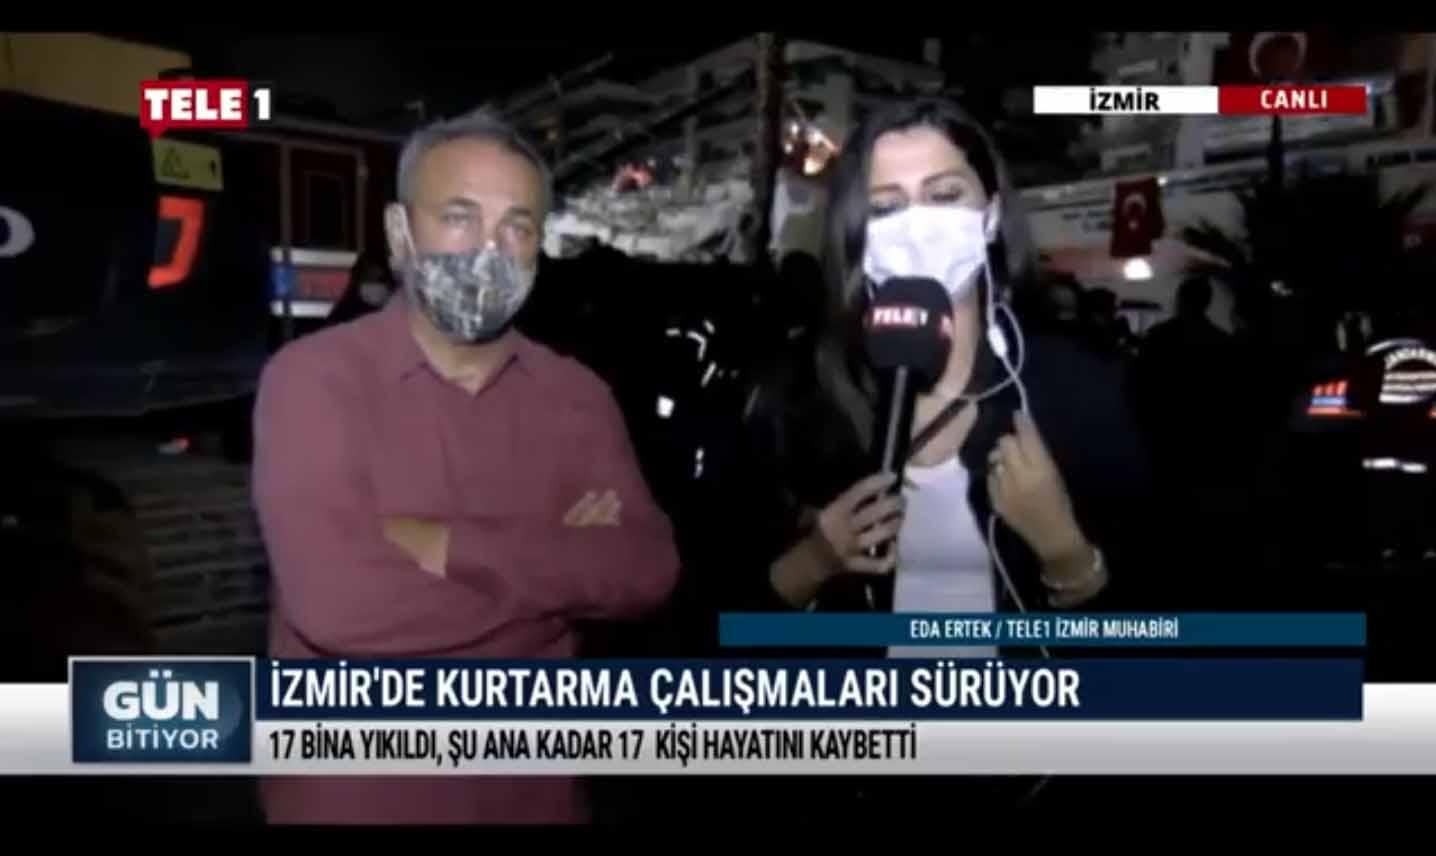 İzmir Baro Başkanı Av. Özkan Yücel: Kapitalizmin kar hırsı insanları öldürüyor